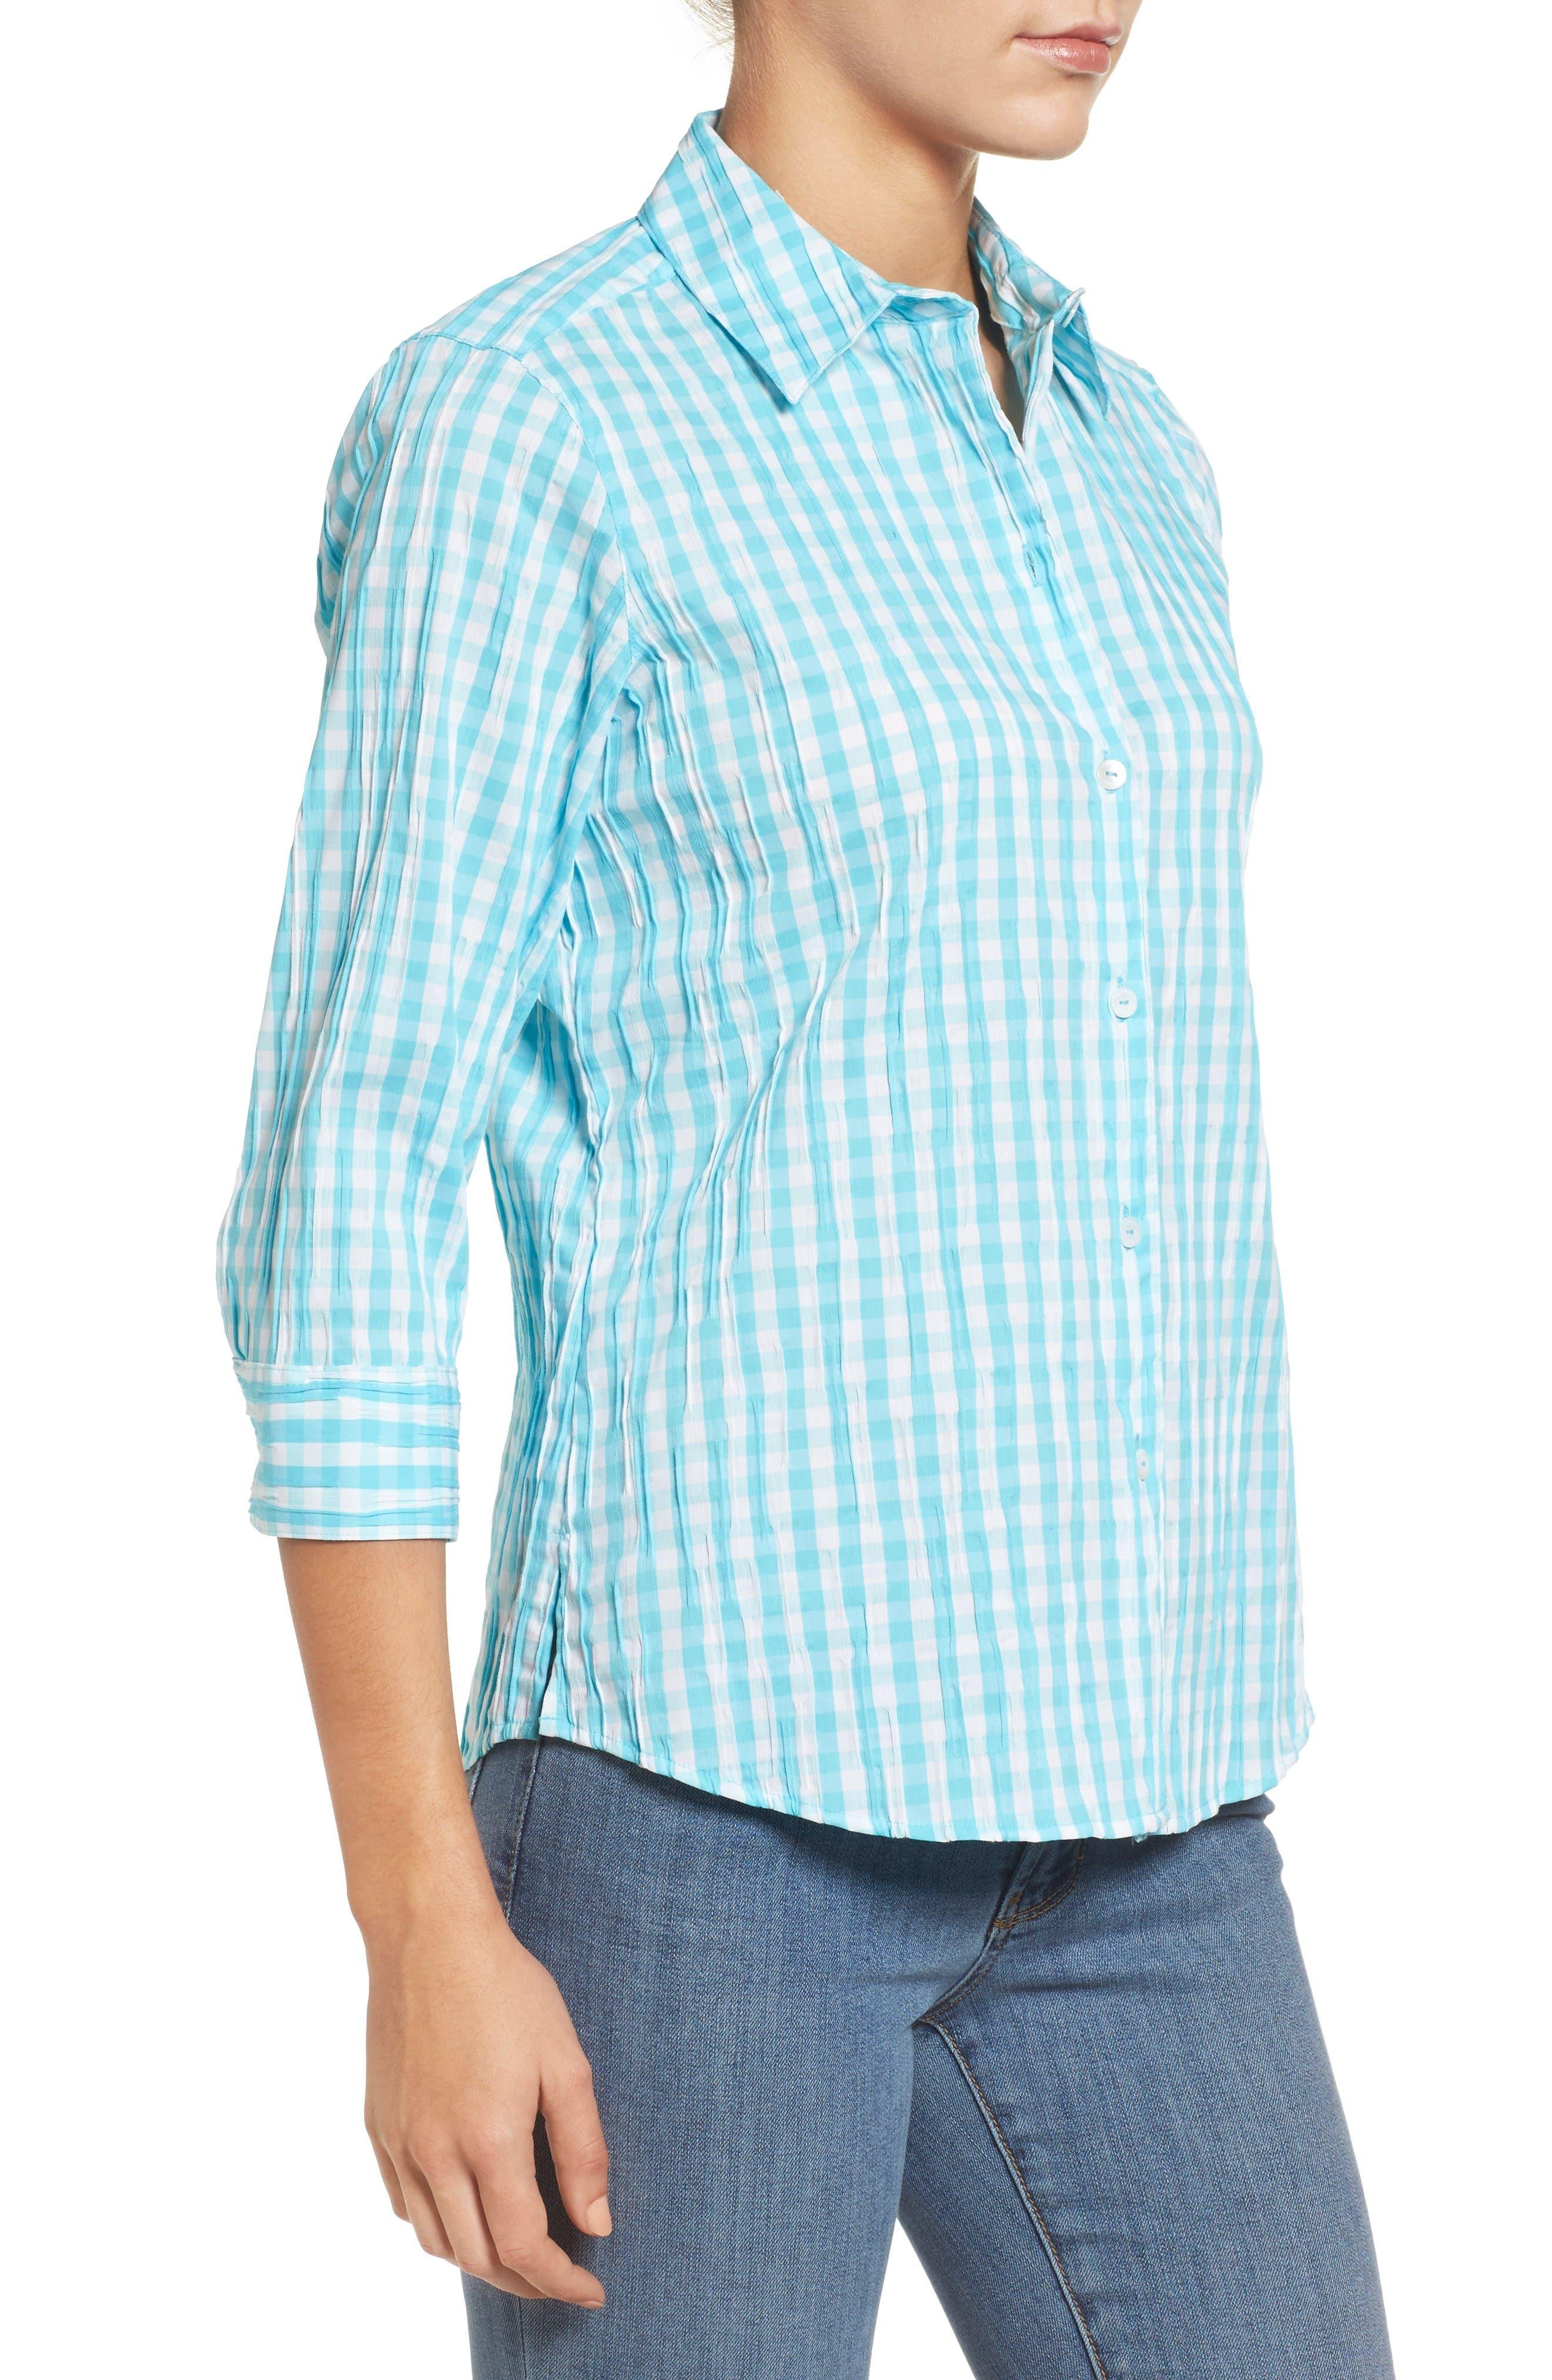 Alternate Image 3  - Foxcroft Crinkled Gingham Shirt (Regular & Petite)